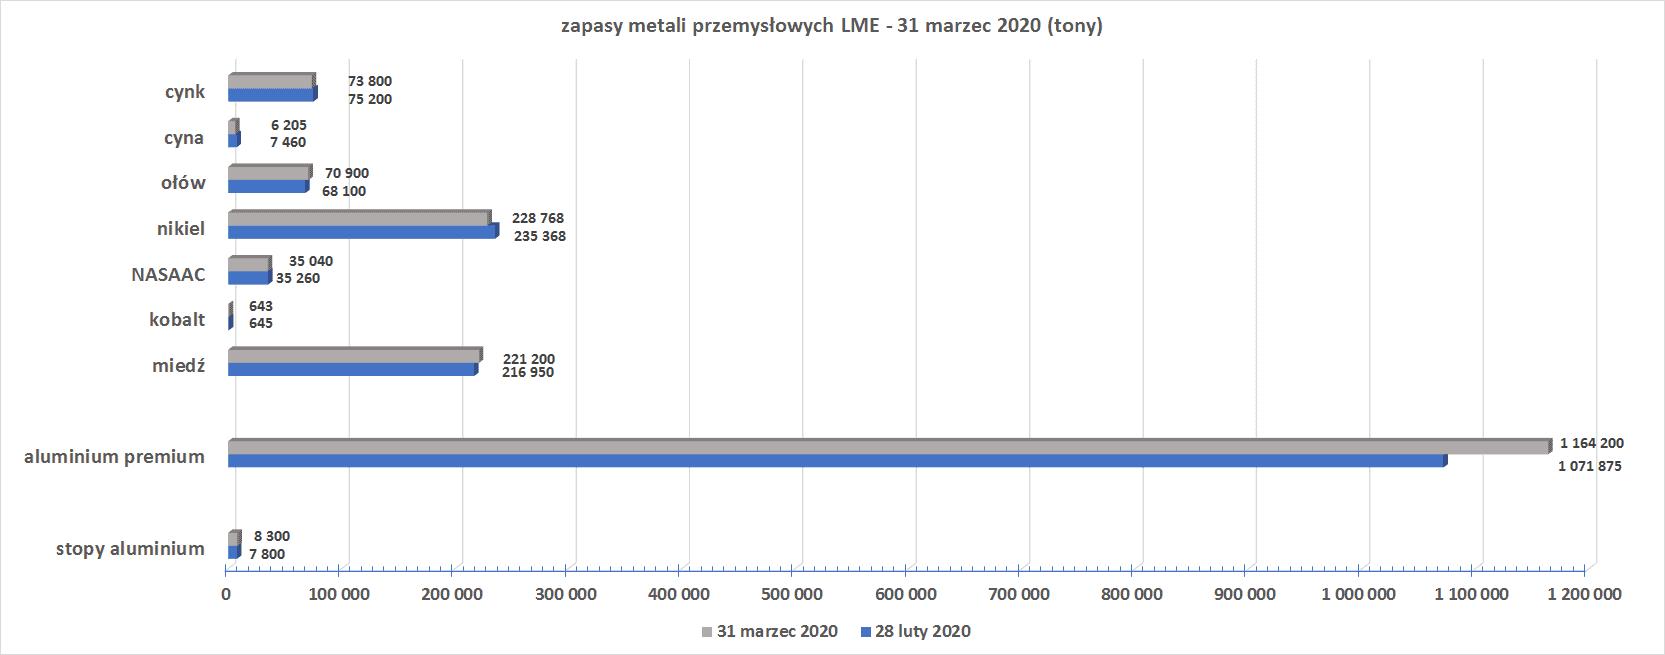 zapasy metali przemysłowych LME